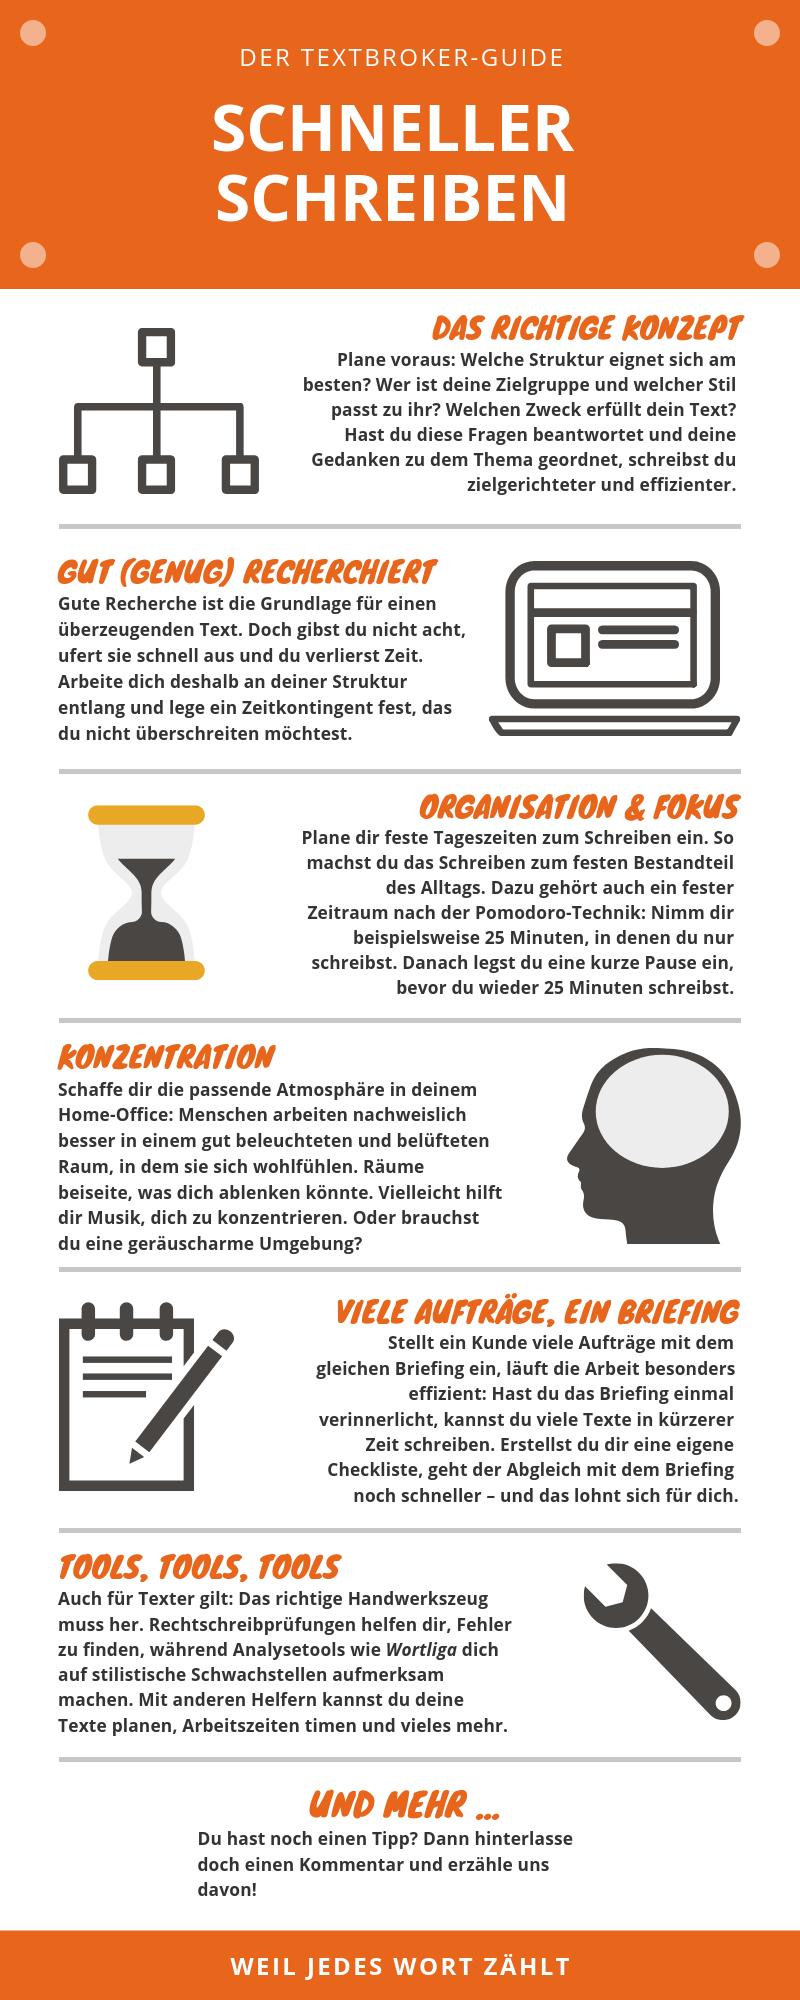 Infografik mit den kurz gefassteren Tipps des Fließtextes zum schnelleren Schreiben